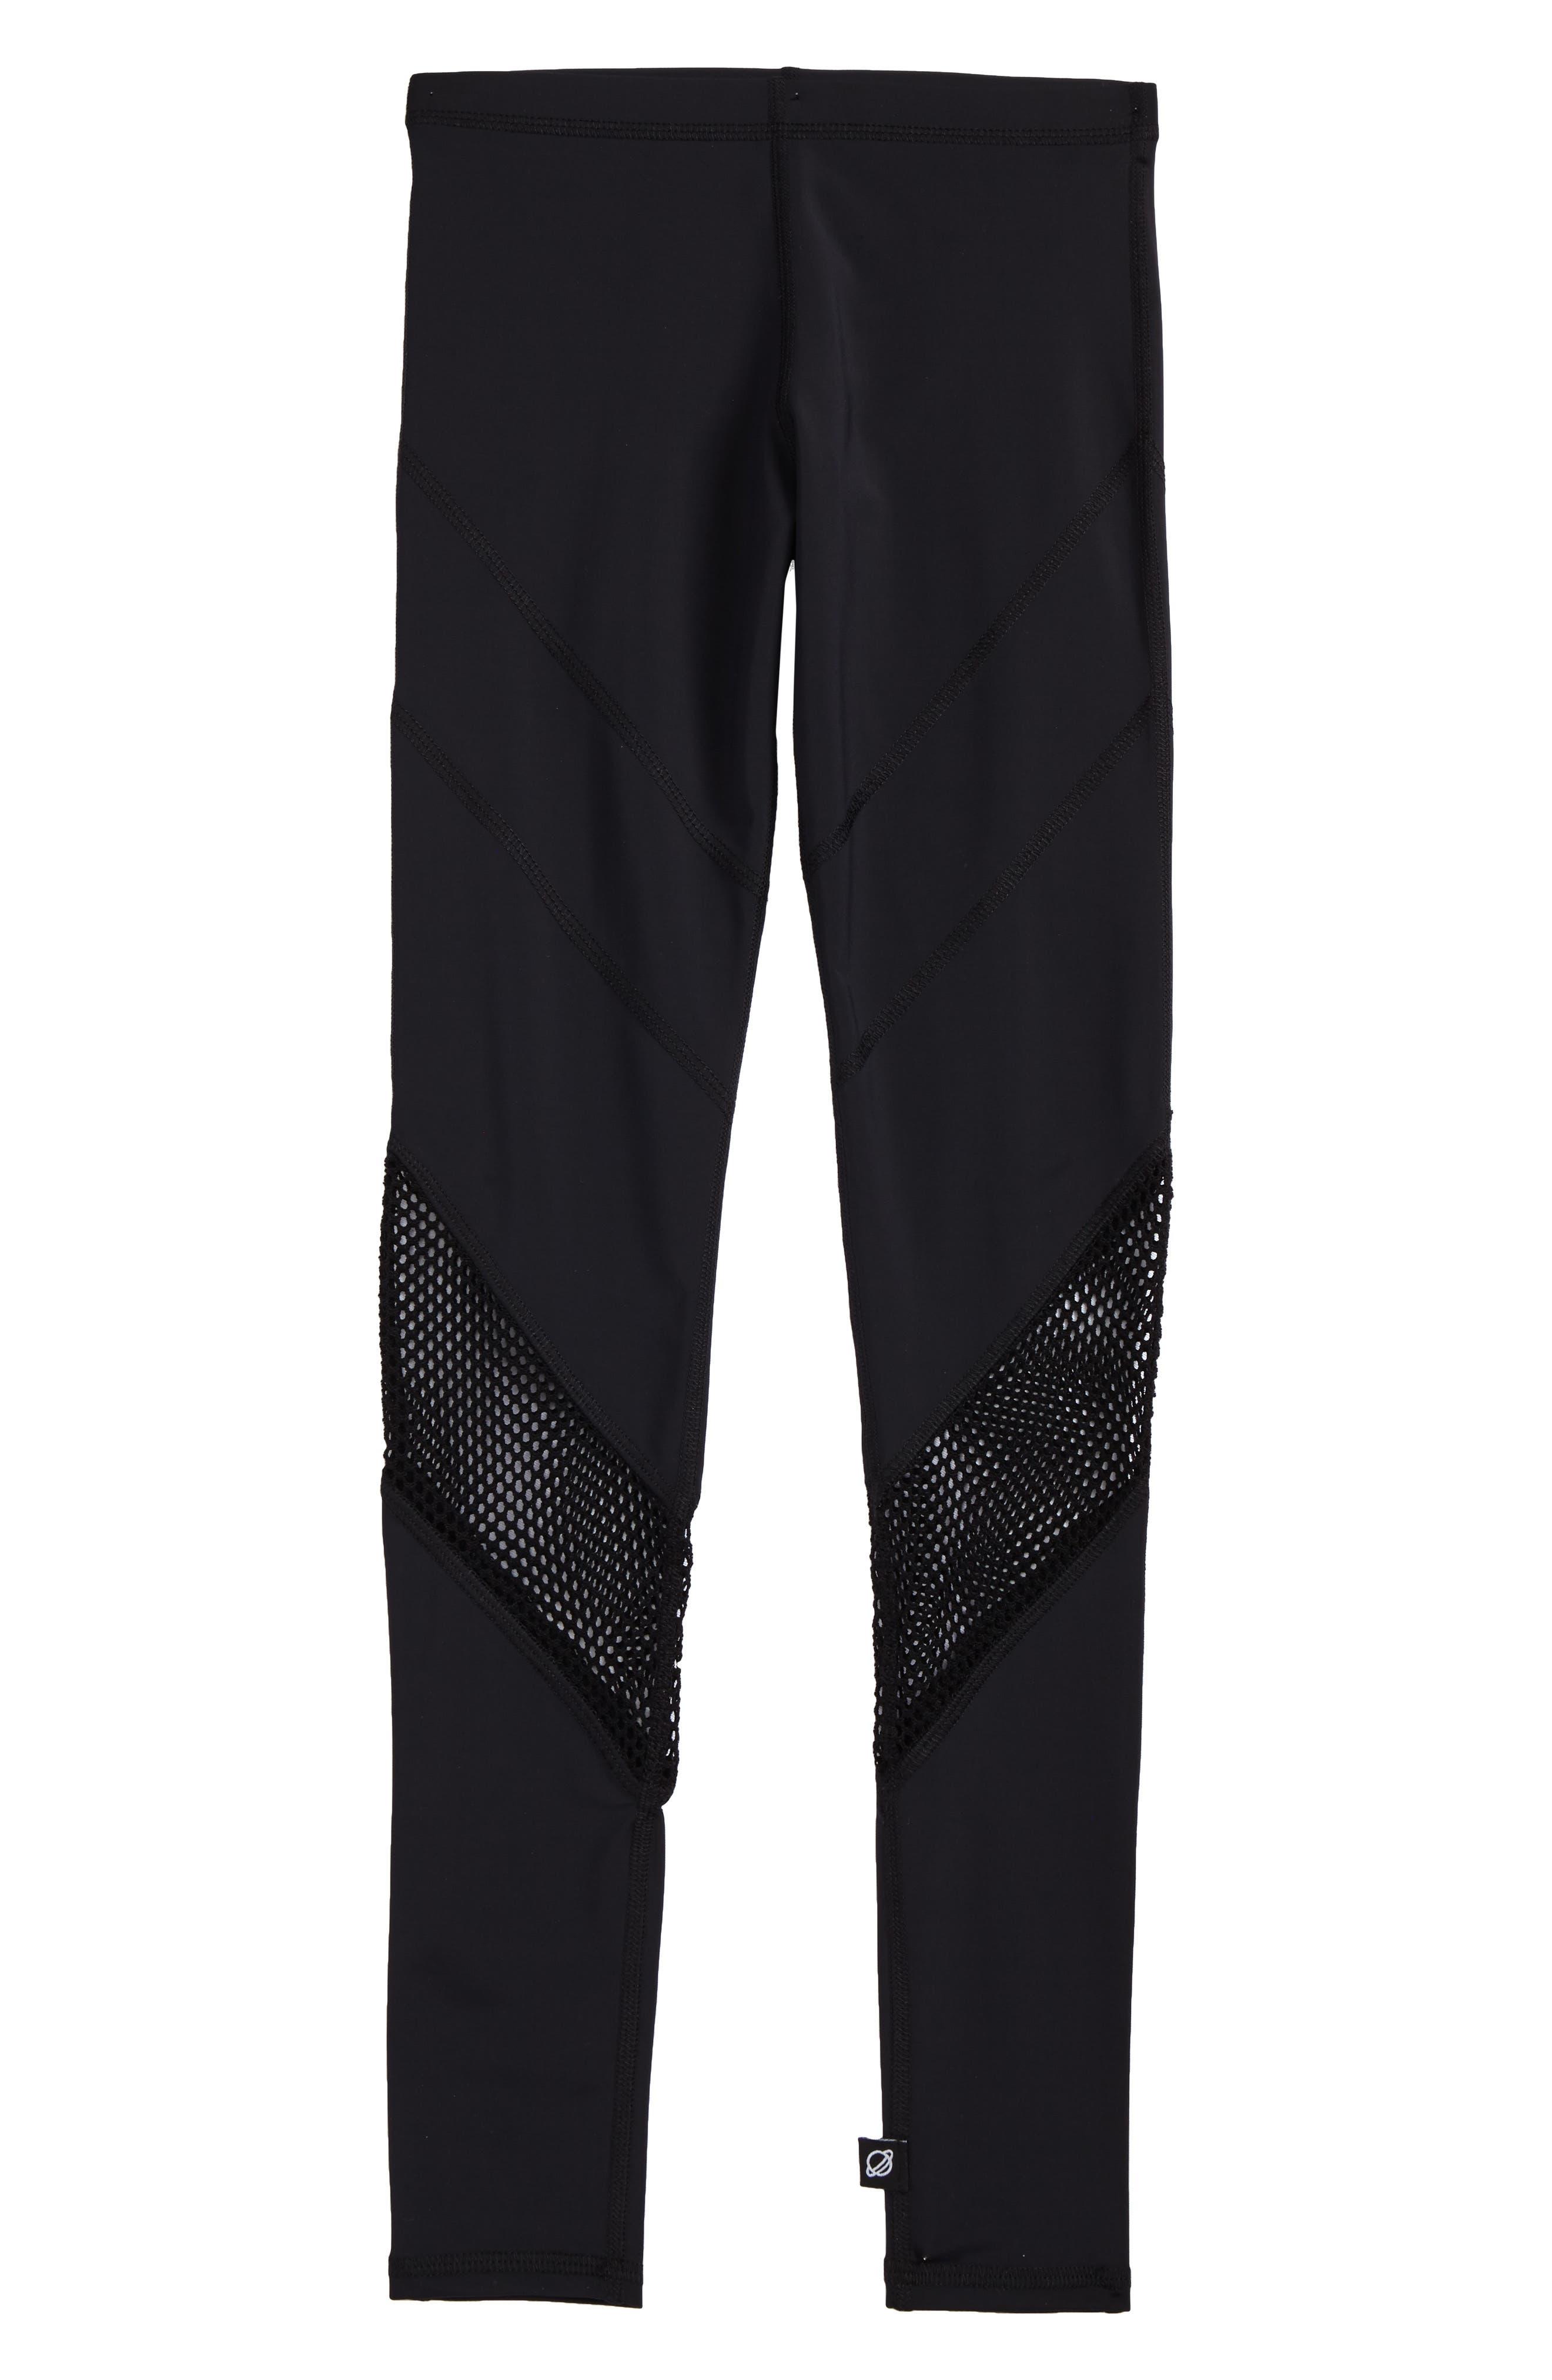 Mesh Panel Leggings,                         Main,                         color, Black/ Black